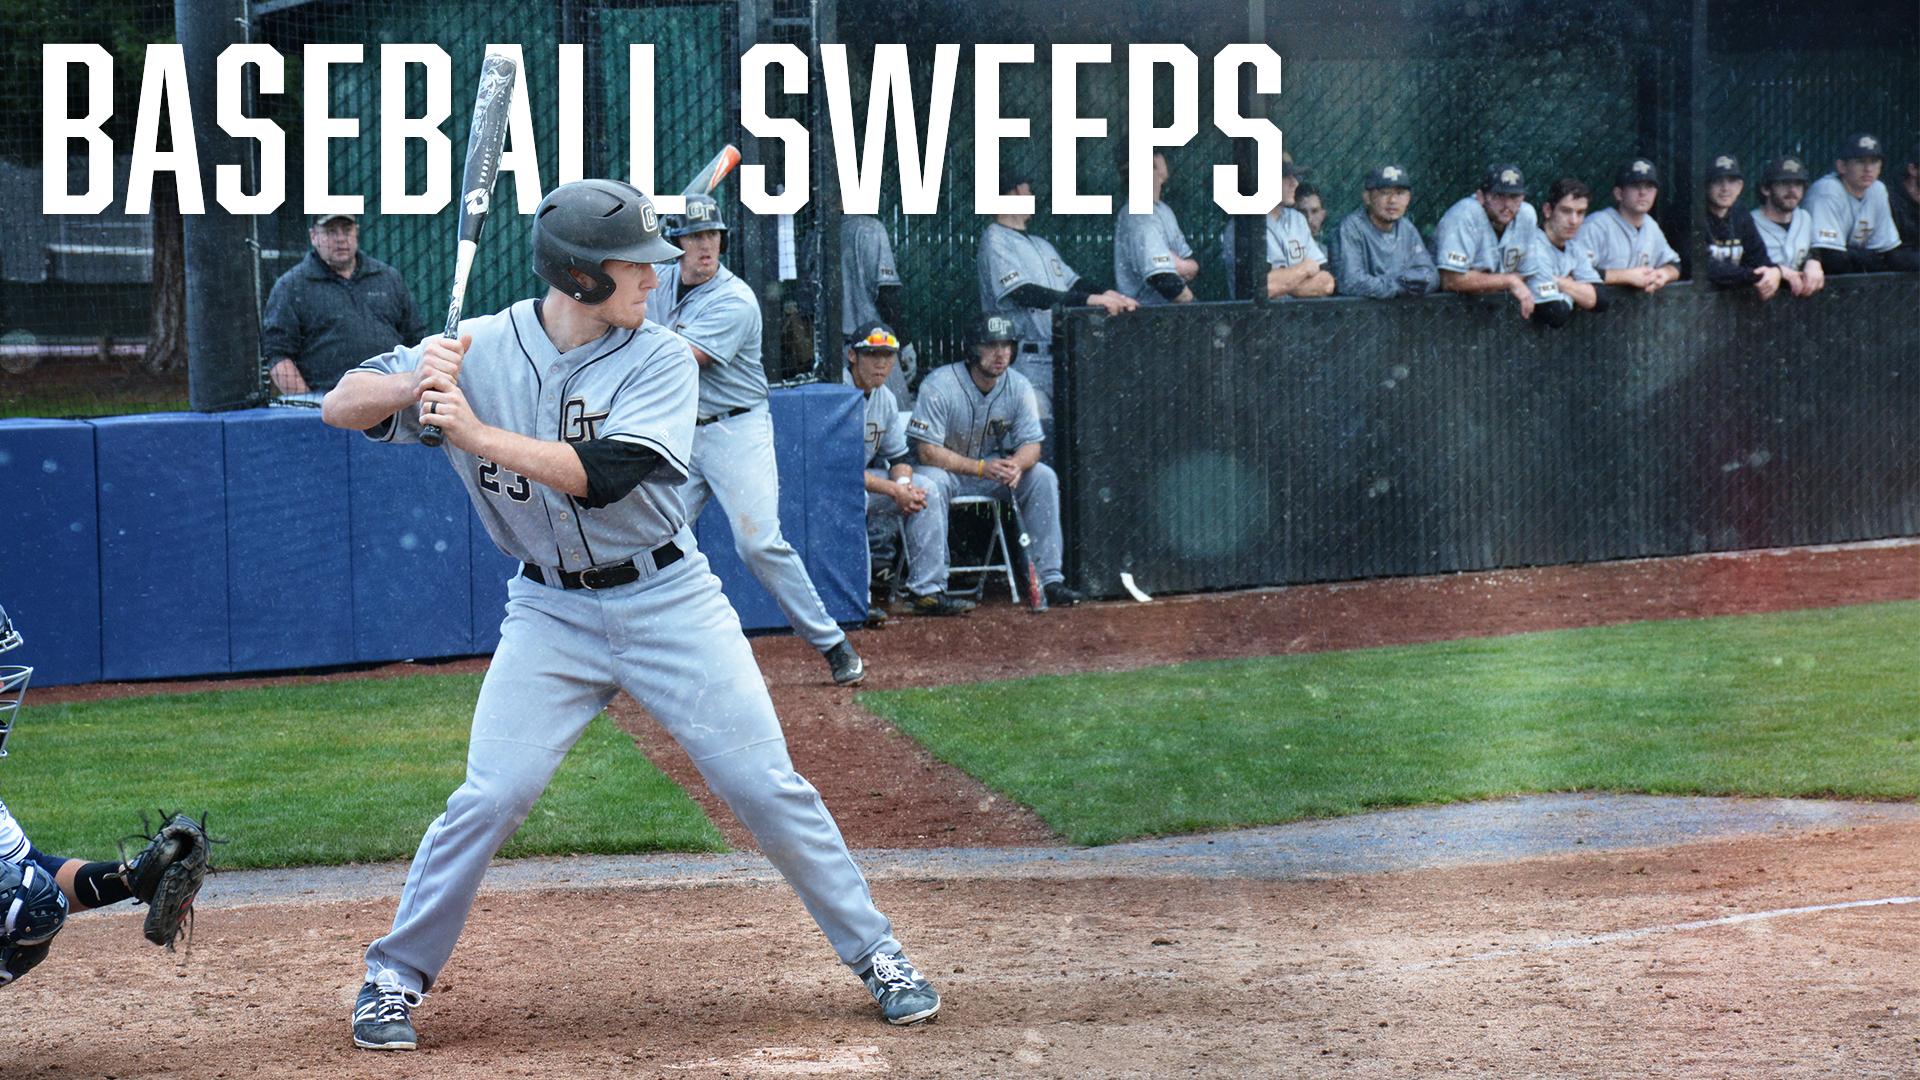 baseballsweeps.jpg